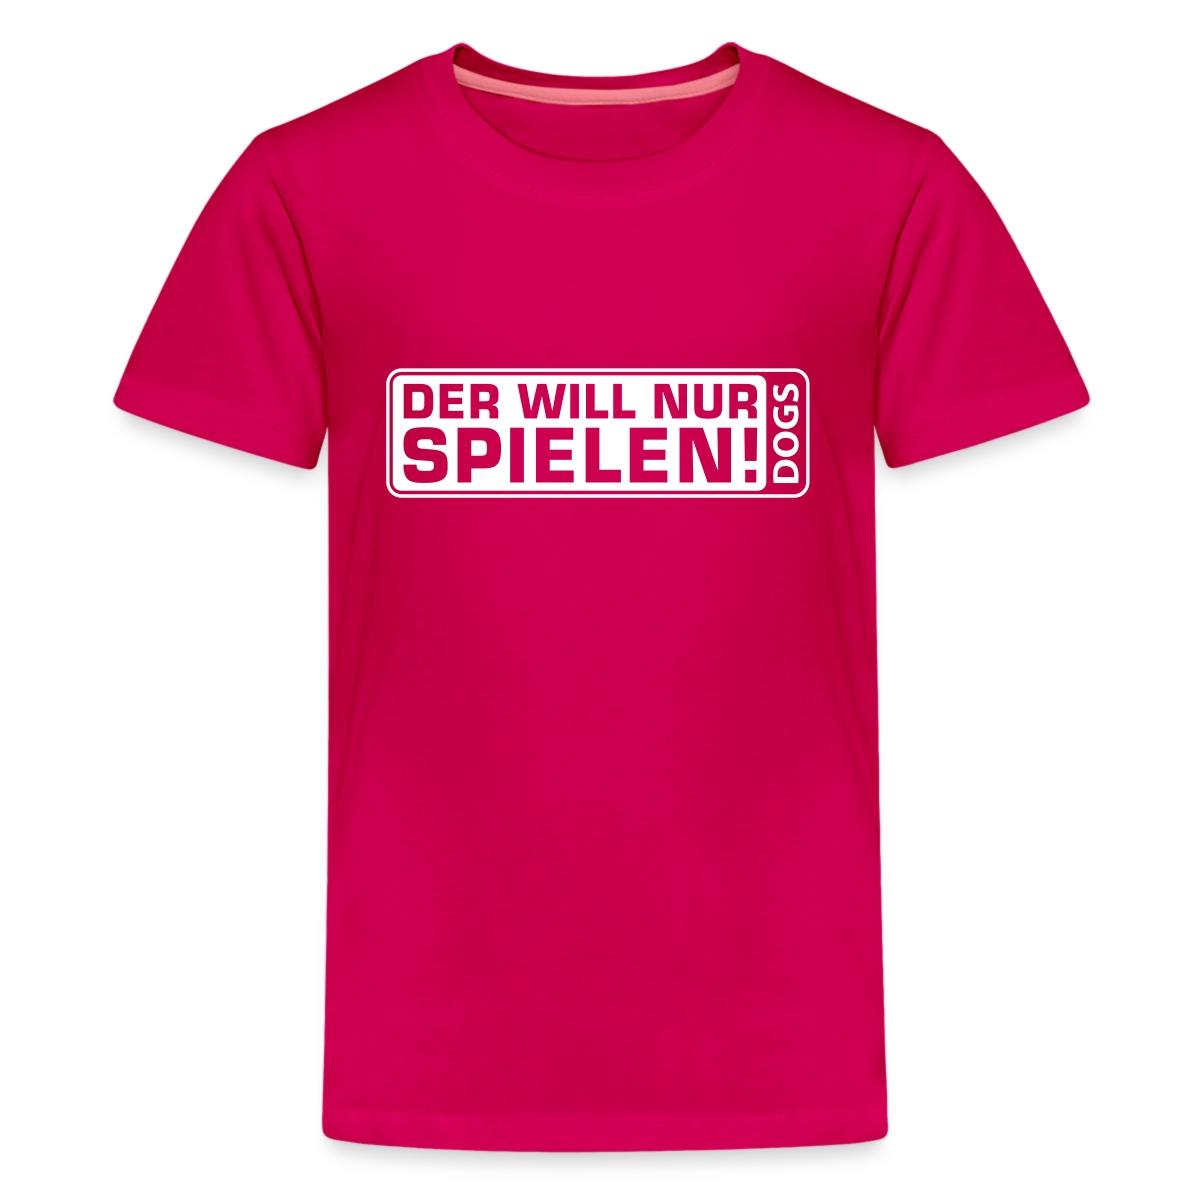 Martin-Ruetter-Der-will-nur-spielen-Teenager-Premium-T-Shirt-von-Spreadshirt